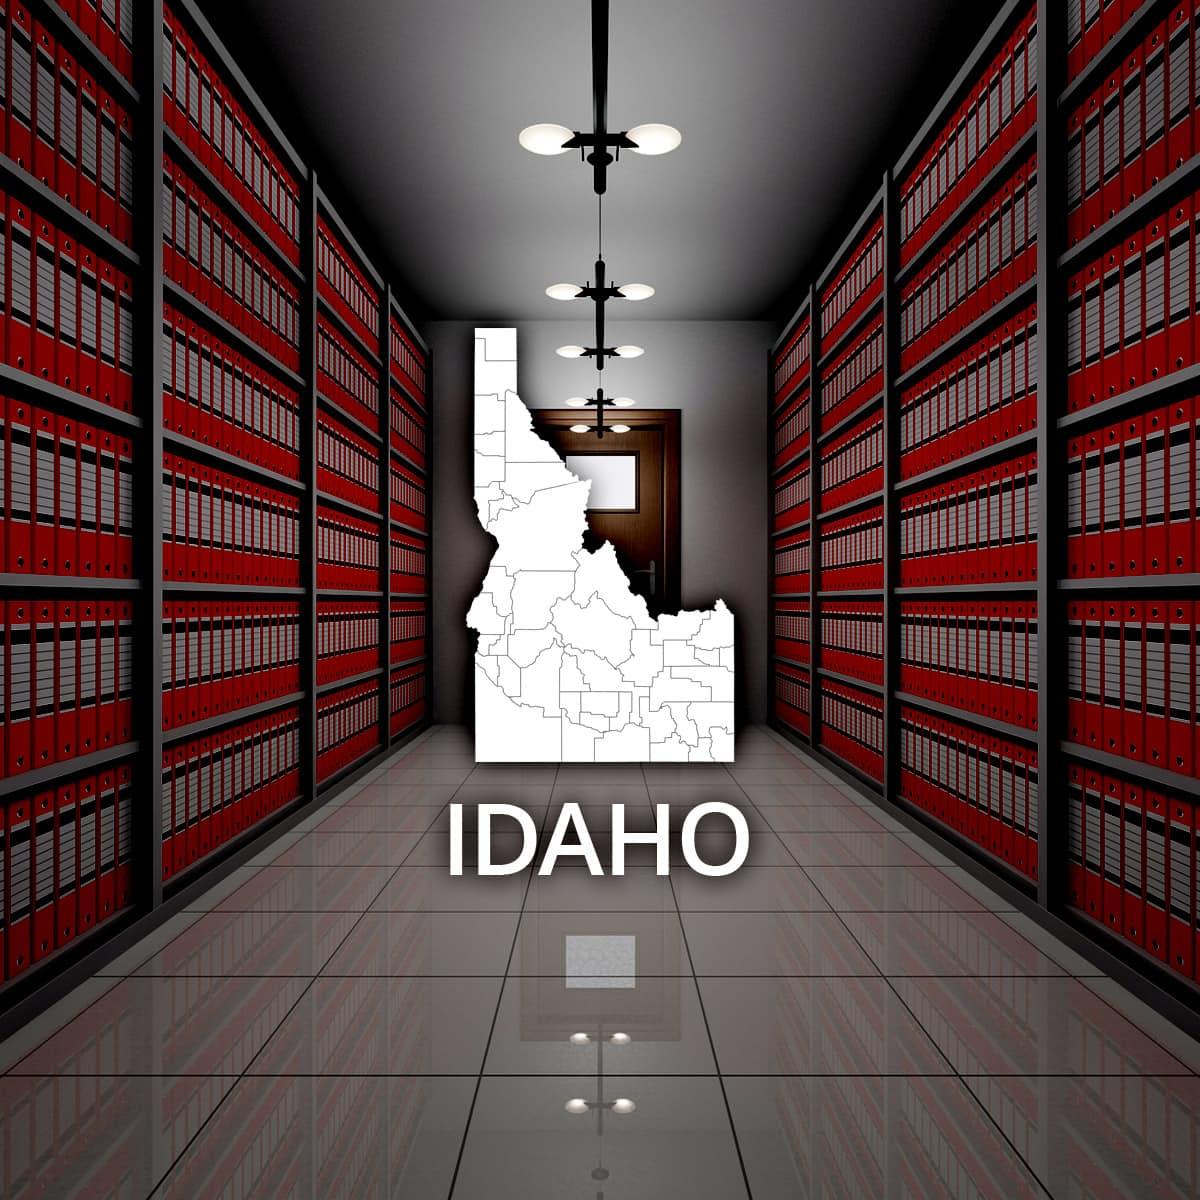 Idaho Public Records